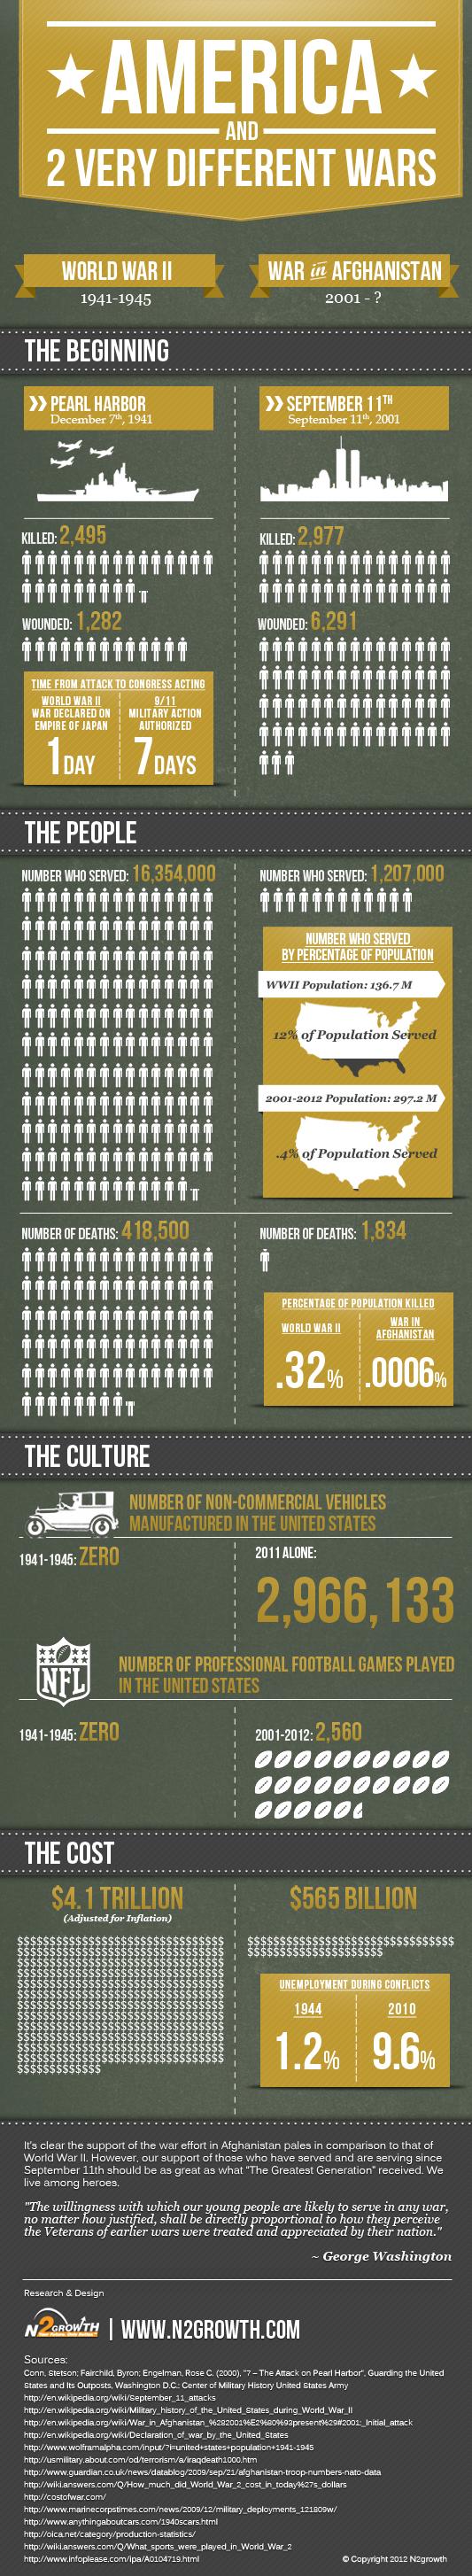 United States War Statistics